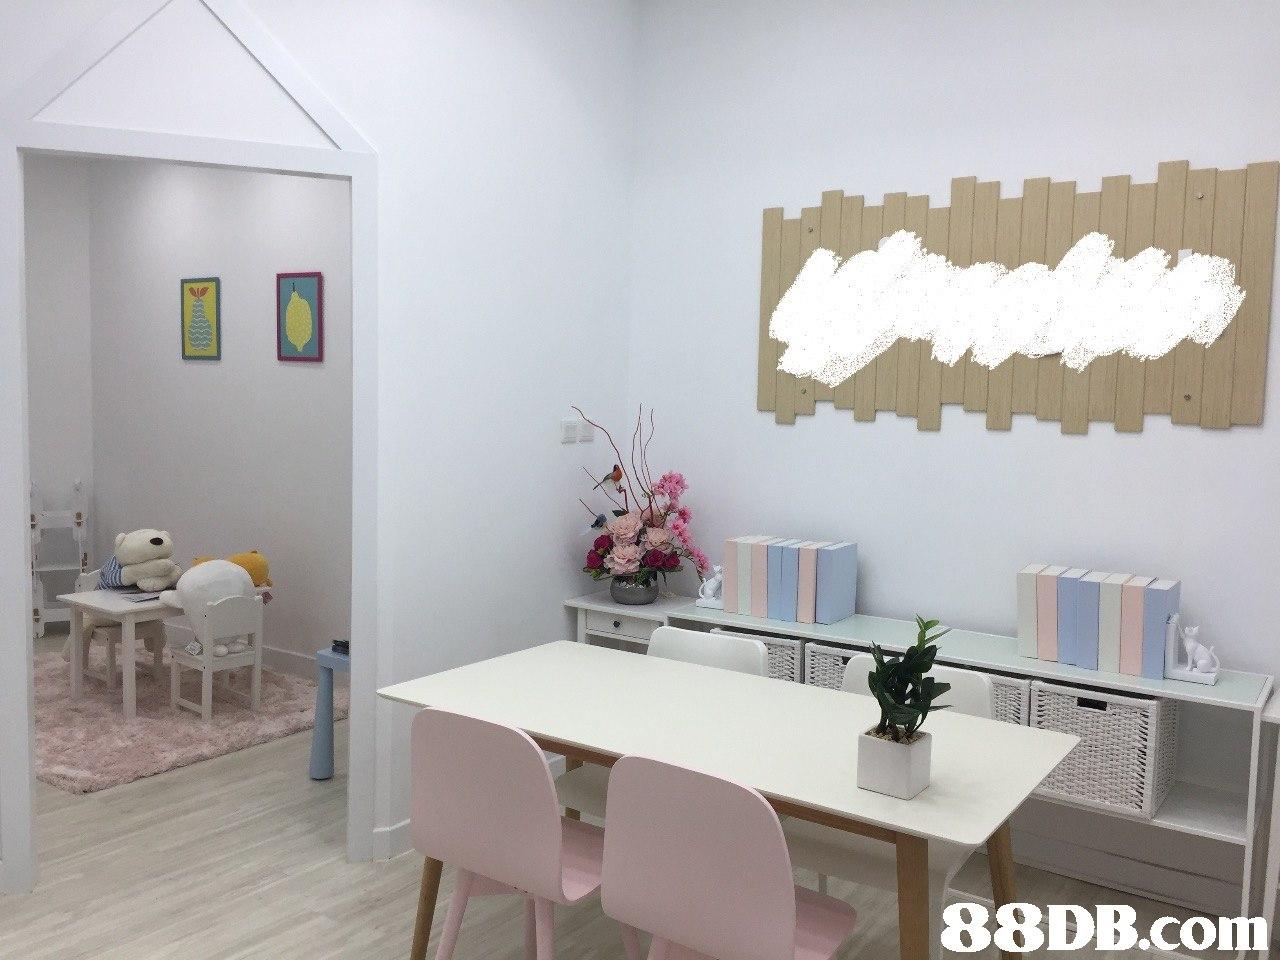 Room,White,Interior design,Furniture,Wall